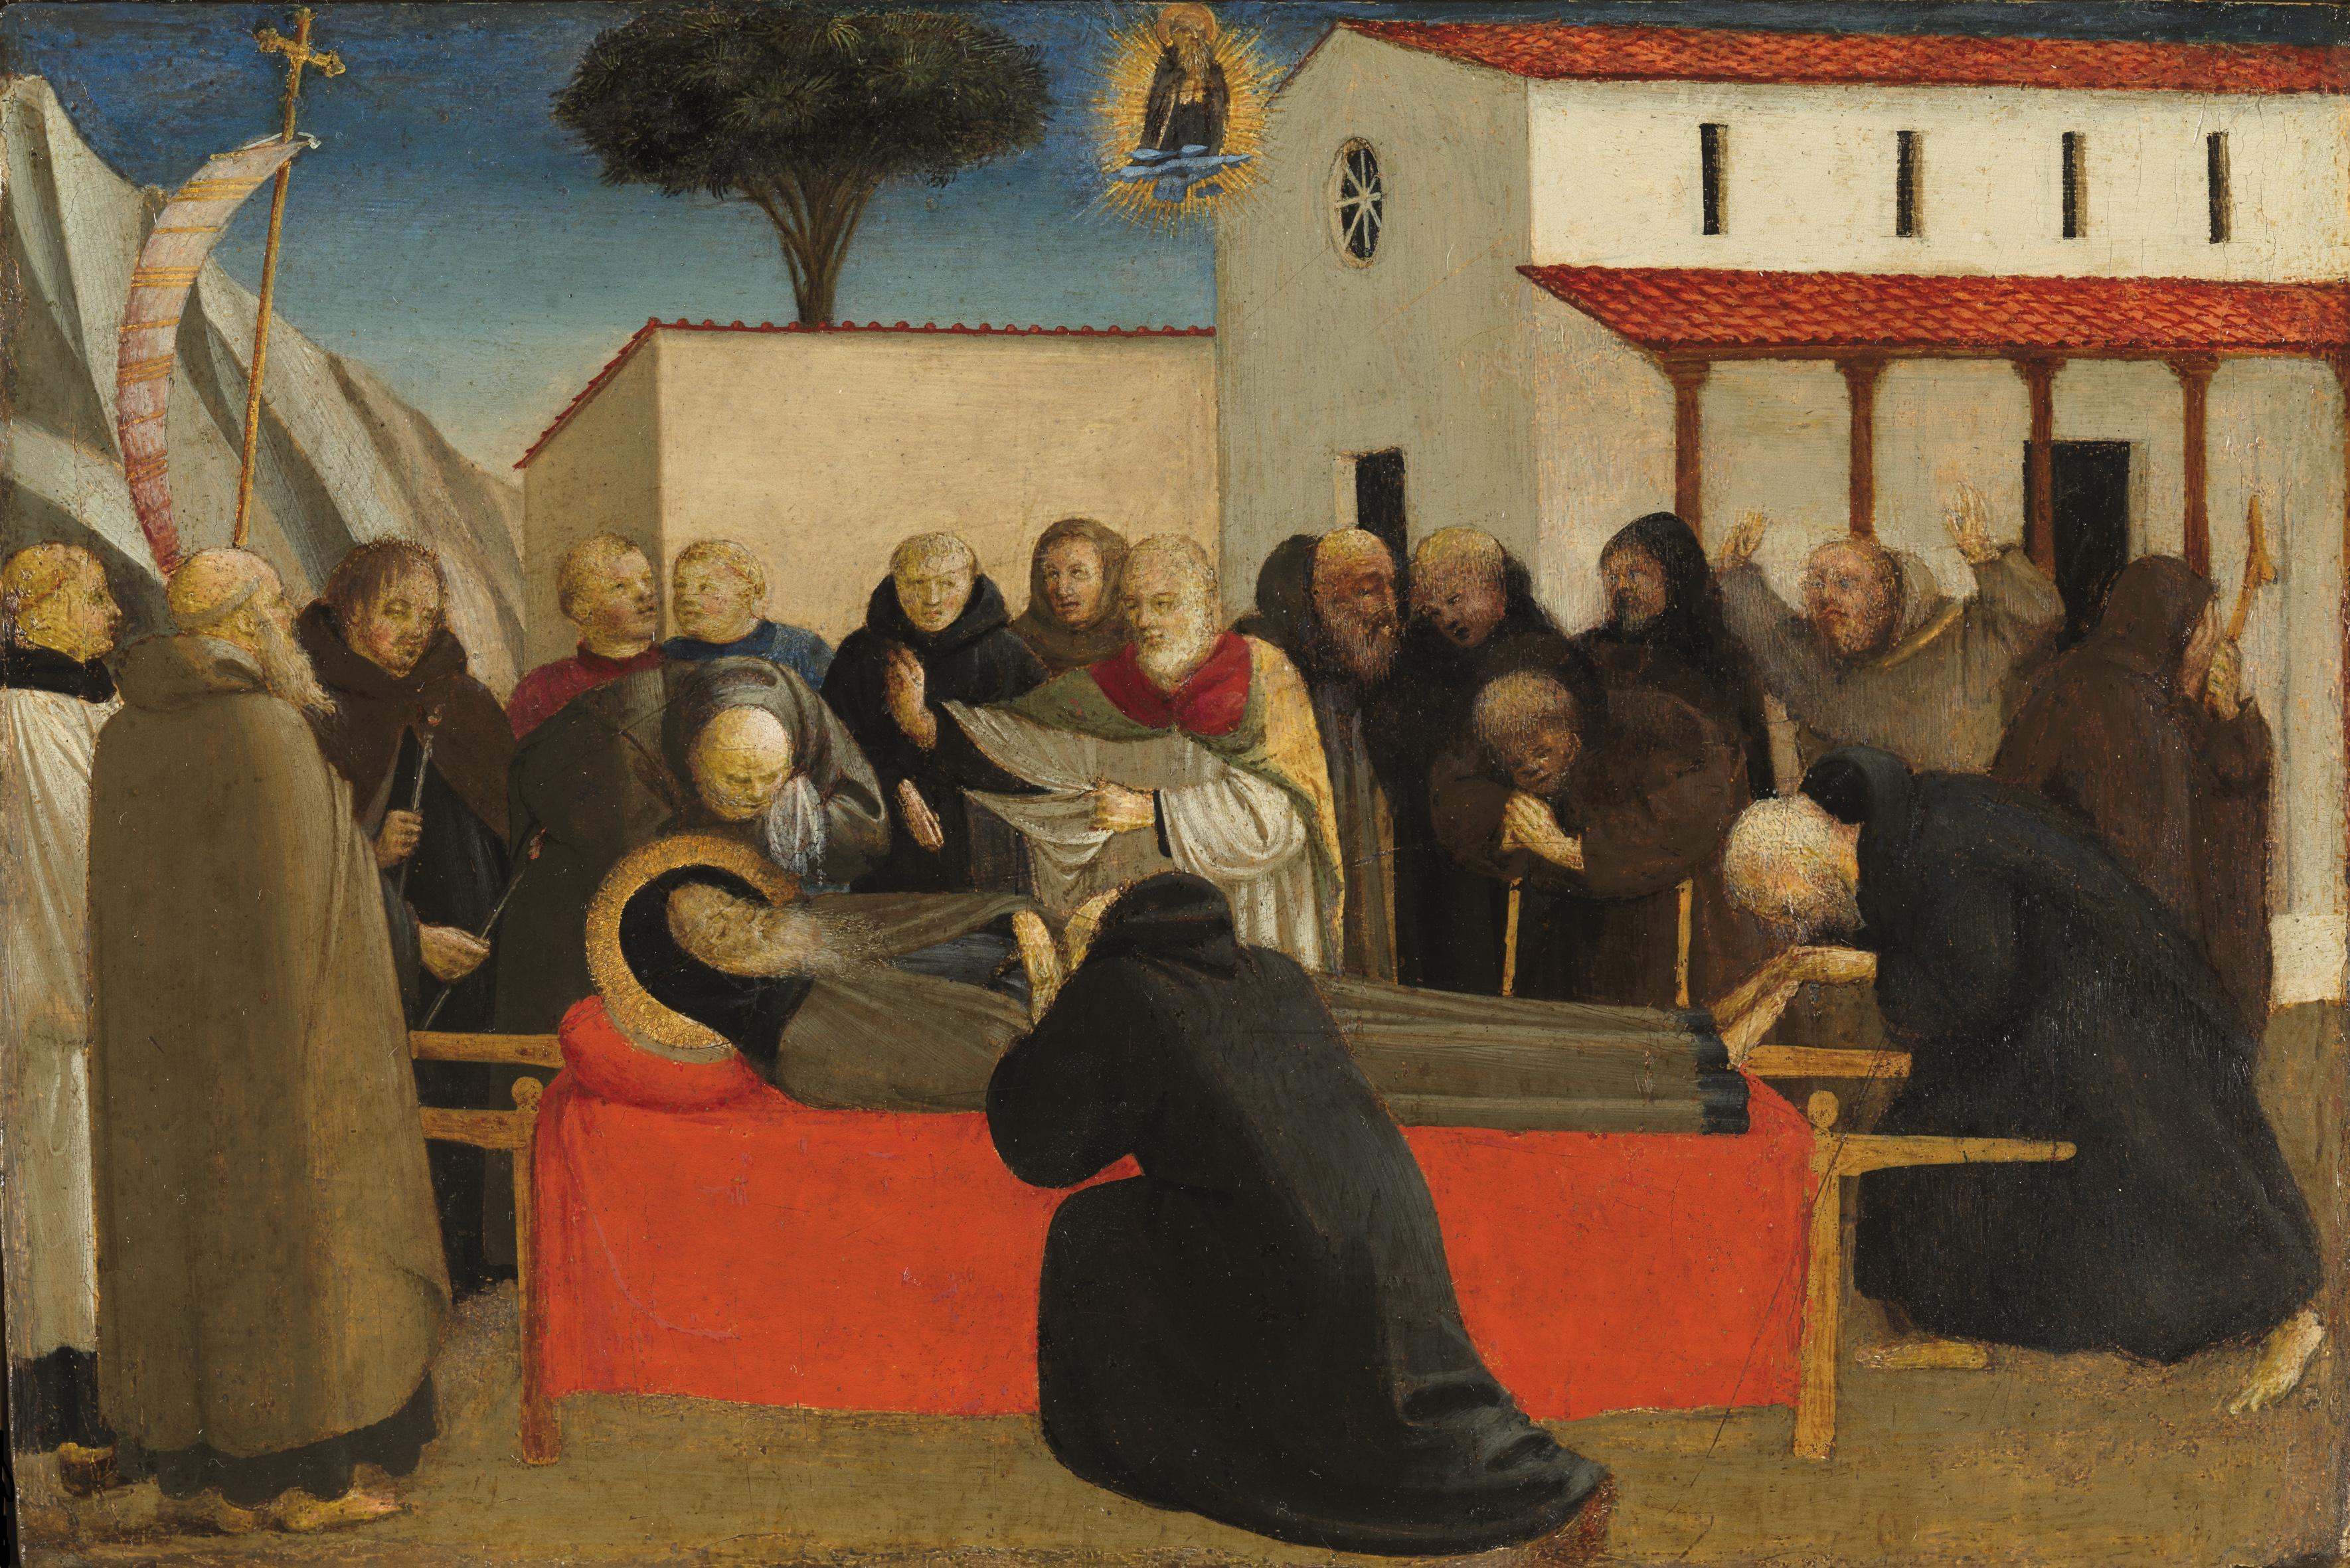 Alba de silva y jesus reyes follando en el feda - 3 8